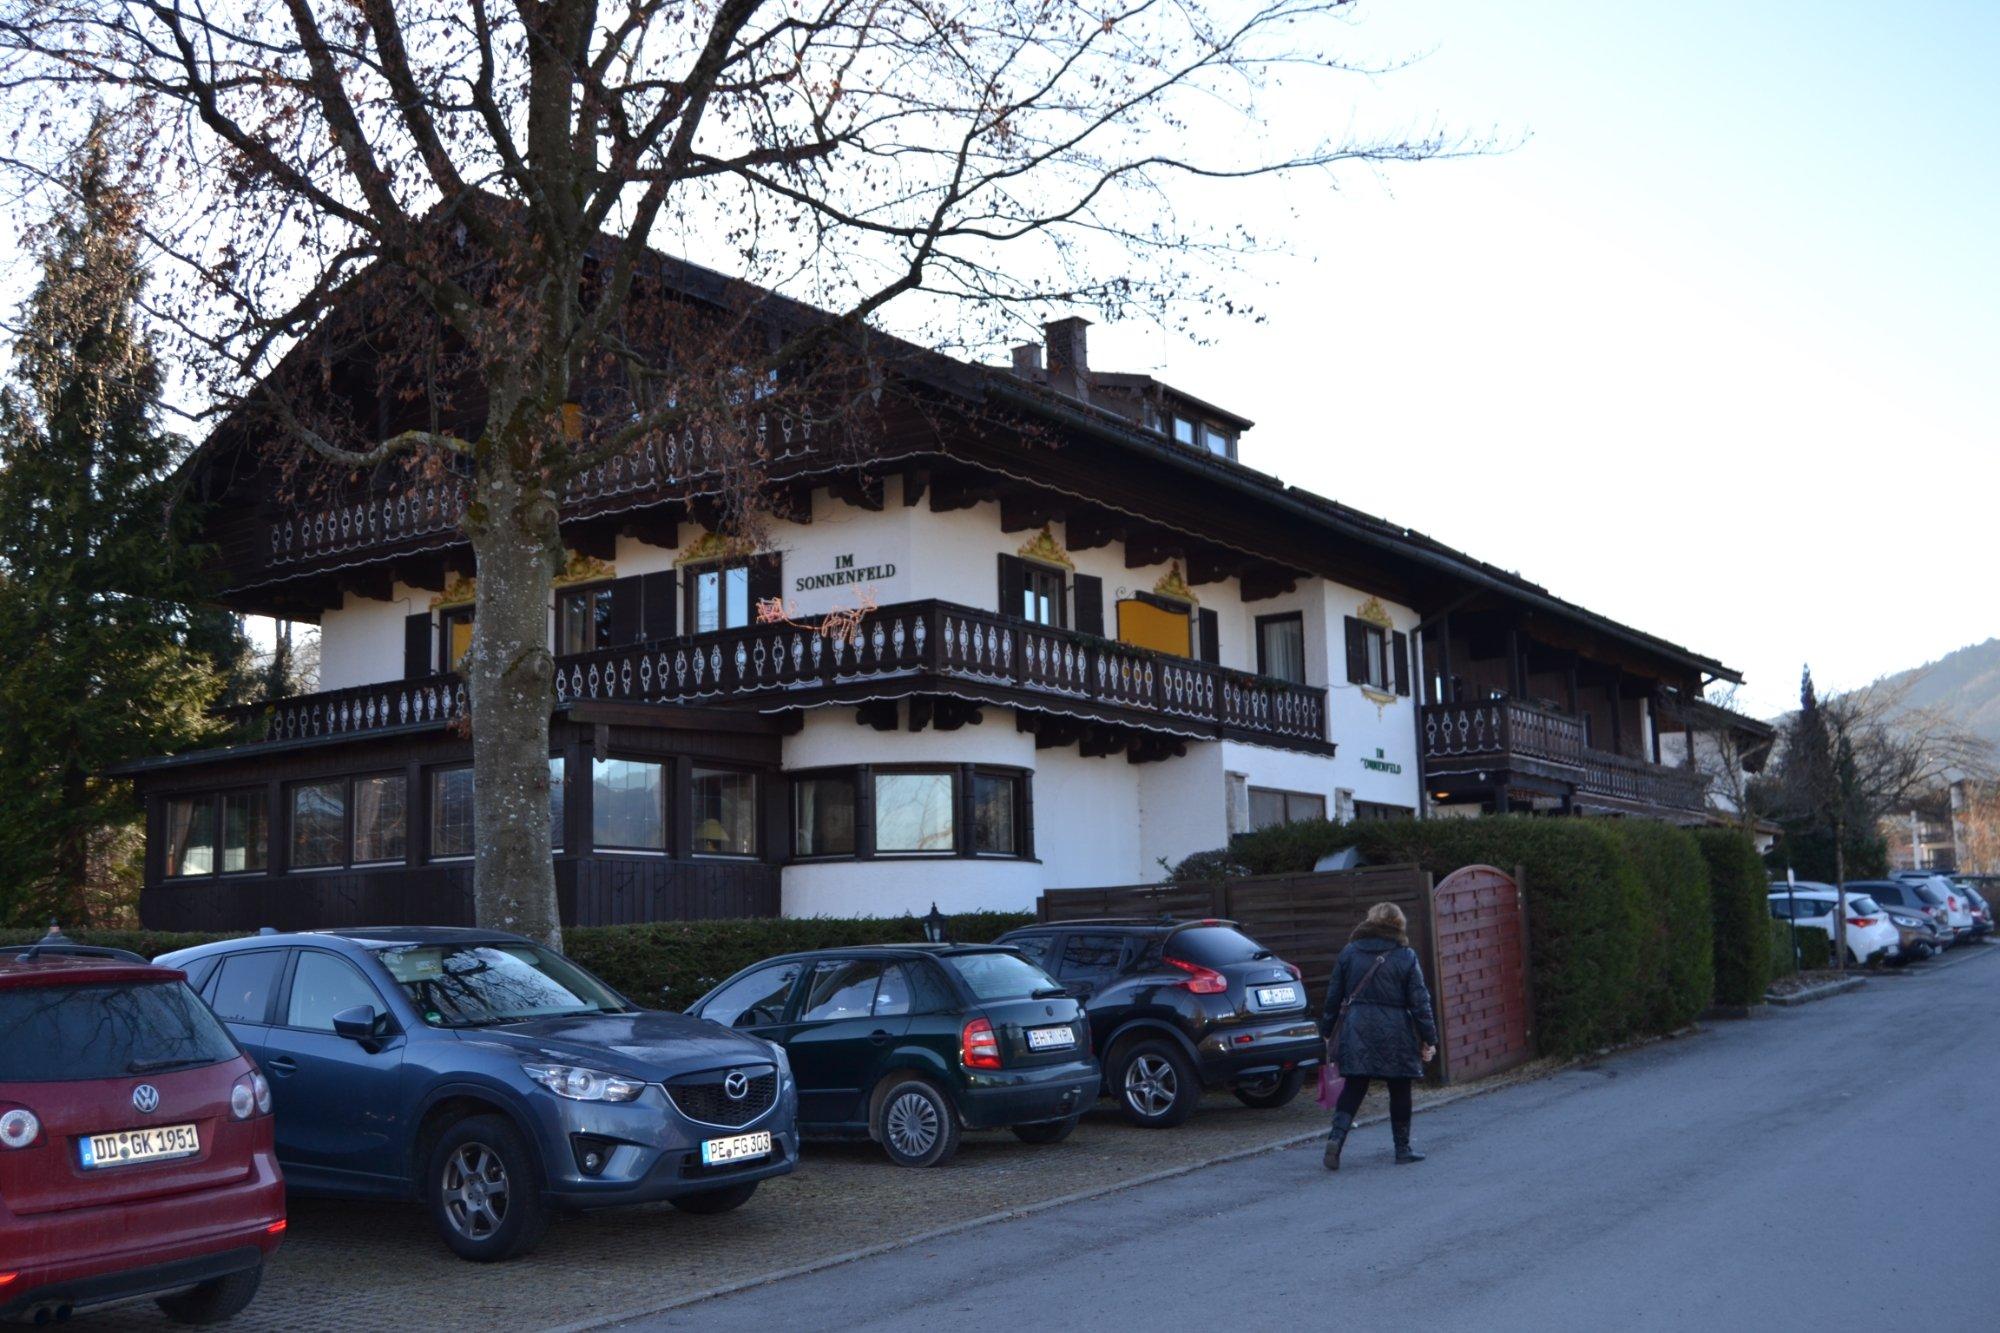 Landhaus Im Sonnenfeld